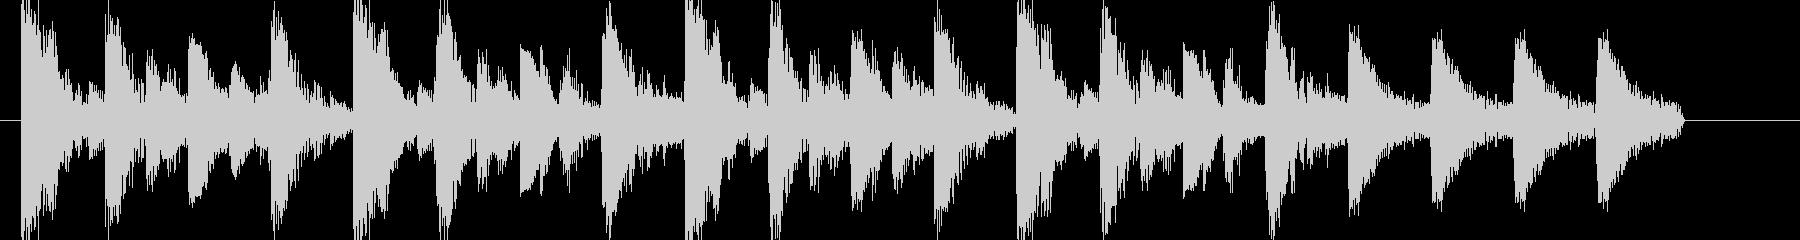 ジャジーでおしゃれなアイキャッチジングルの未再生の波形